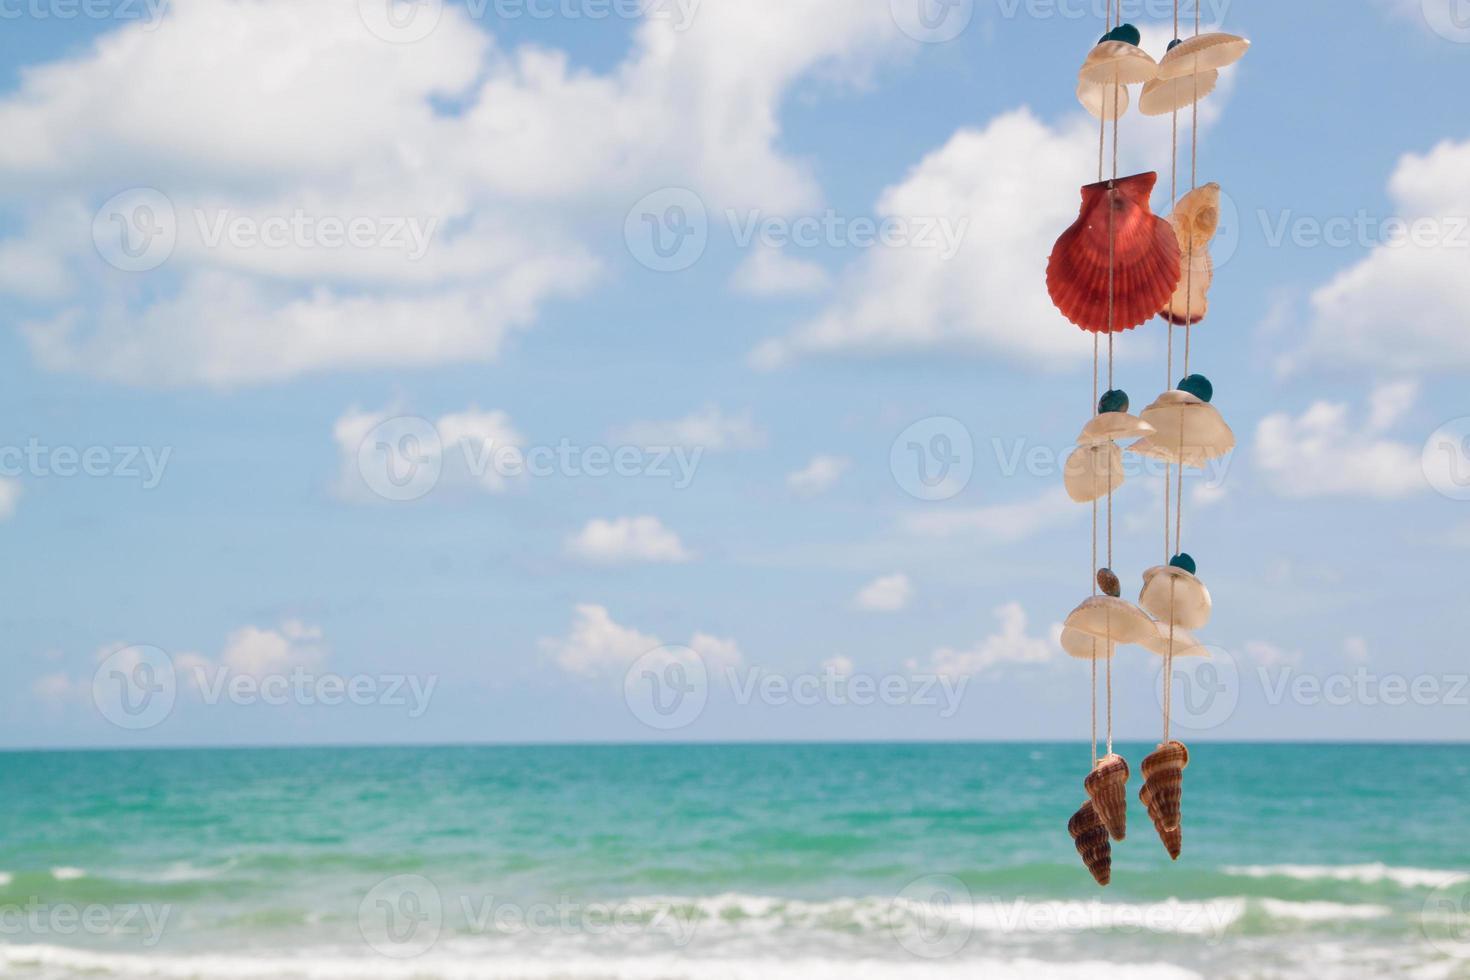 schöner Strand mit hängenden Muscheln foto